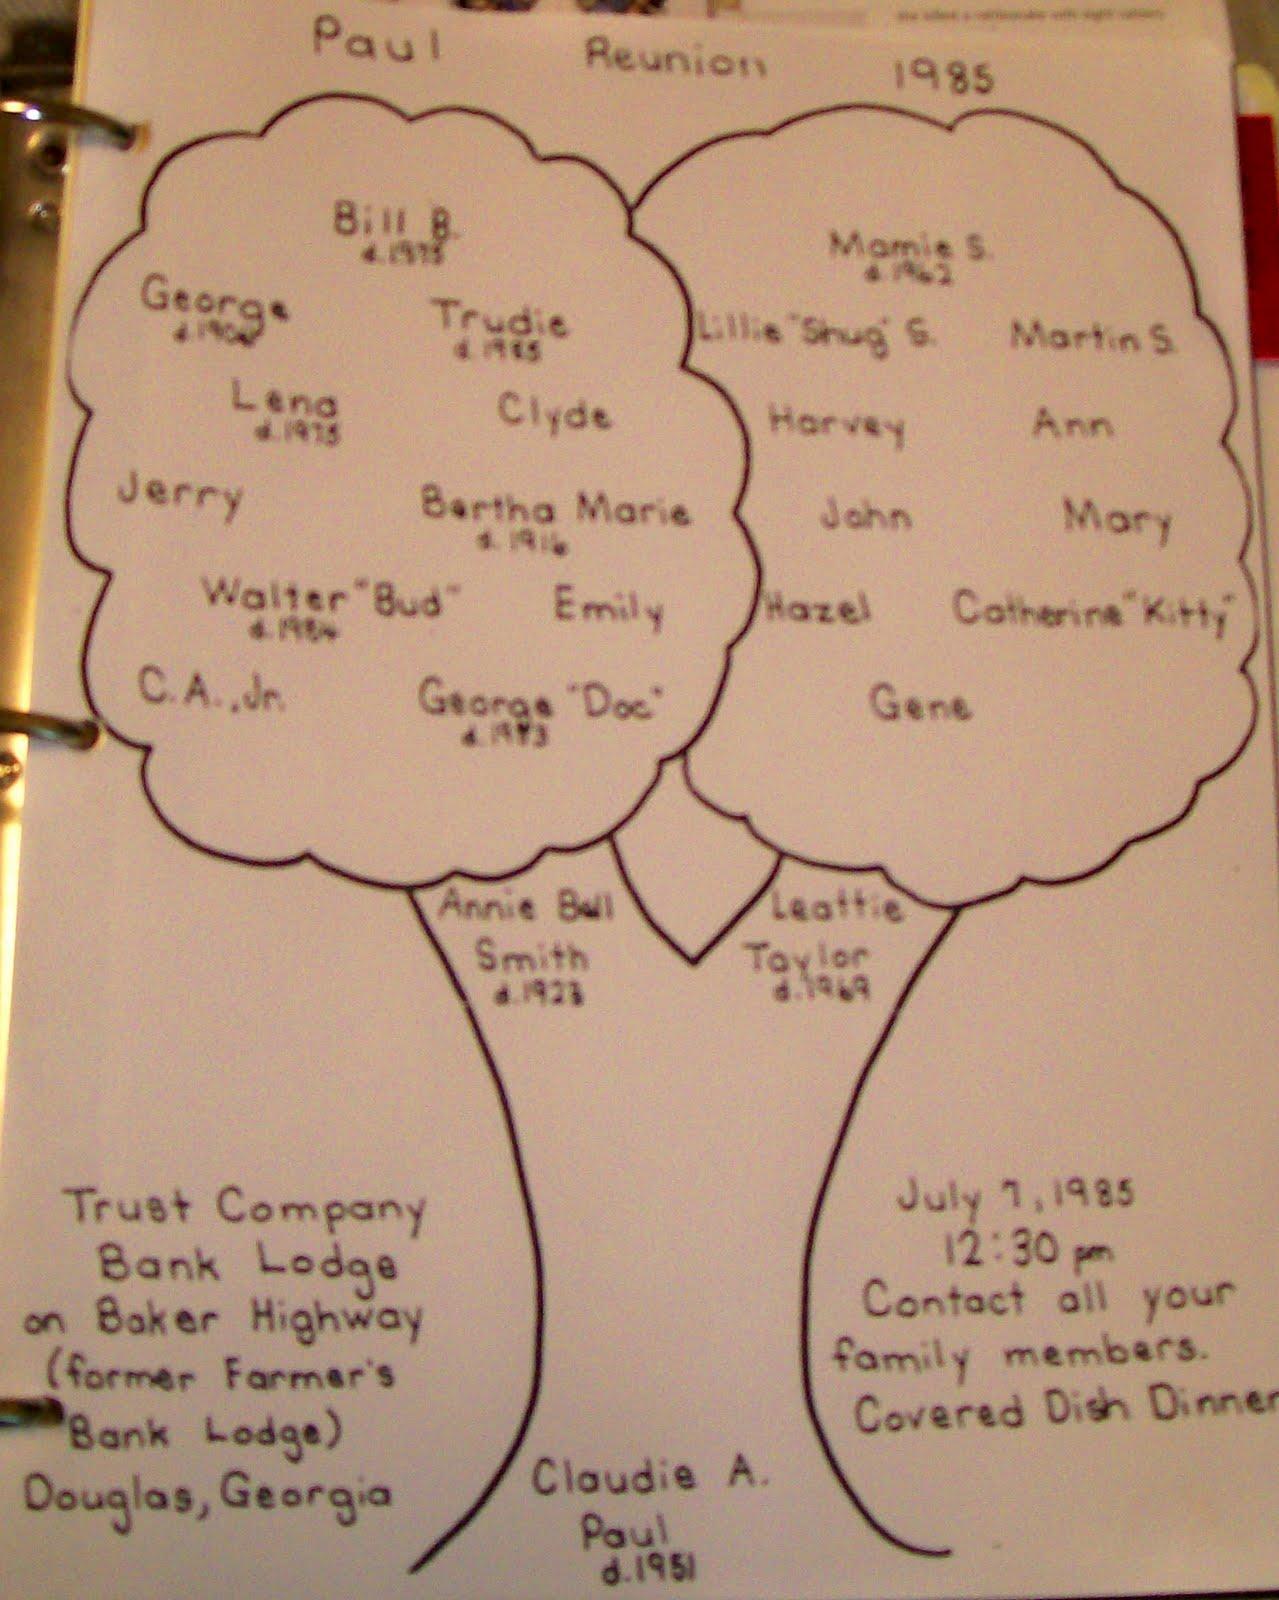 http://1.bp.blogspot.com/_zewydpA8Xzg/THqsykFGyUI/AAAAAAAAC1M/DctvdBxqvhs/s1600/Paul+Family+Tree.jpg